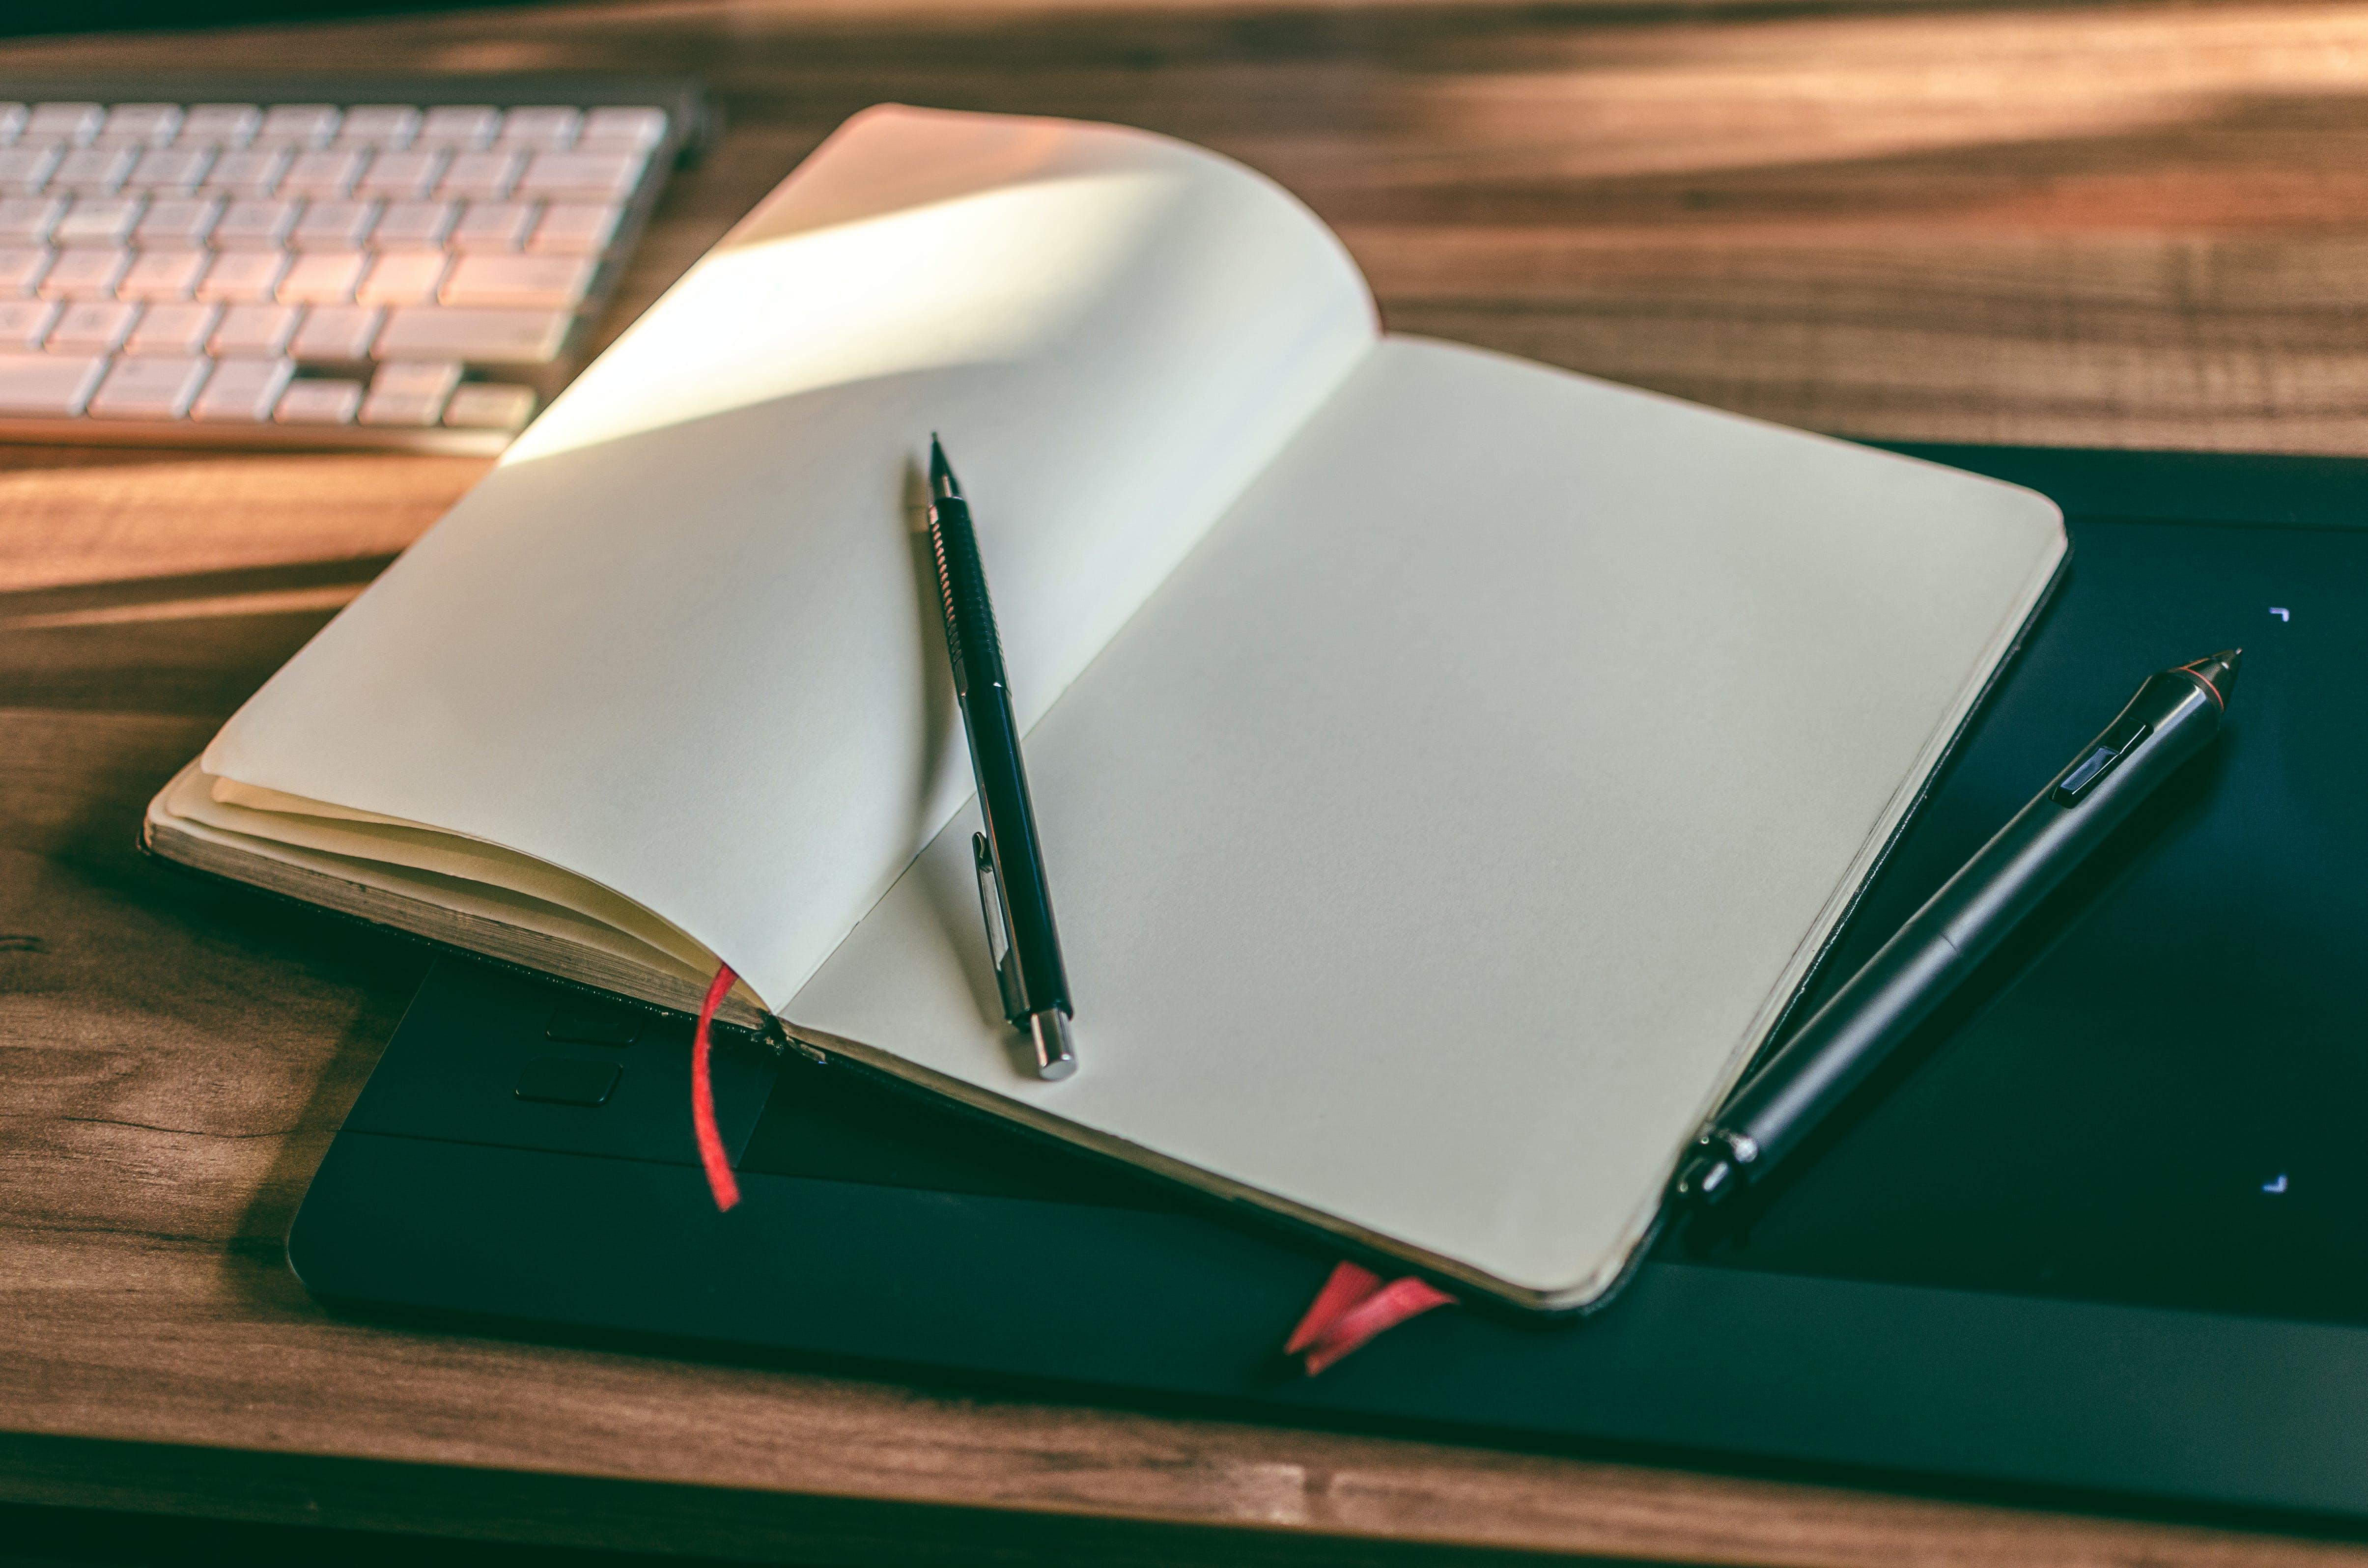 Gratis arkivbilde med drodling, eple magisk tastatur, mekanisk blyant, merknad